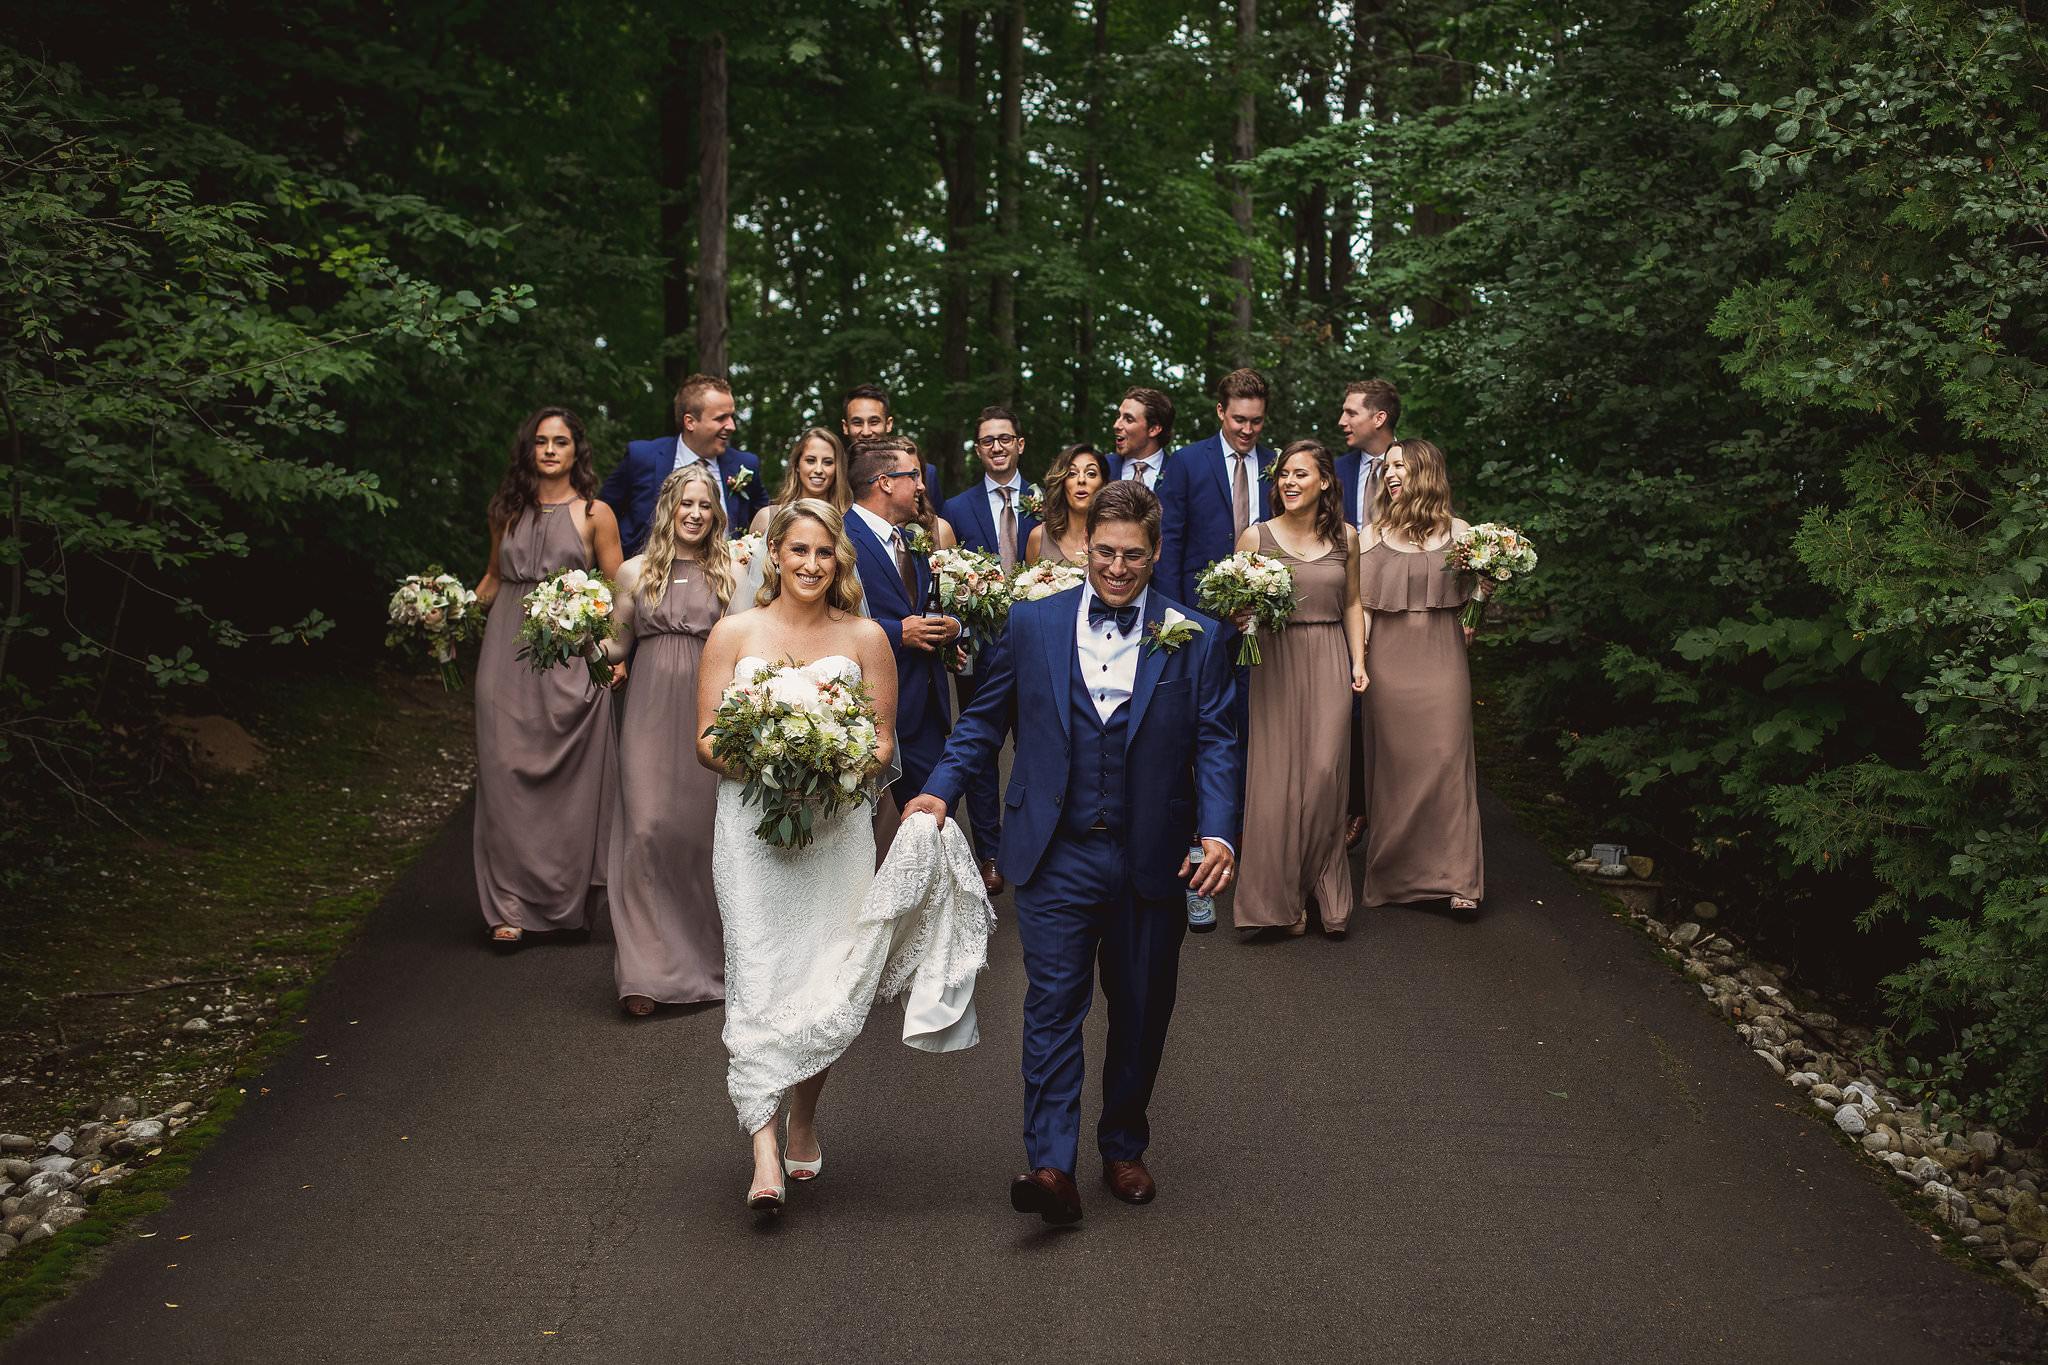 whistlebearweddingphotos 507 - Whistle Bear Wedding Photos